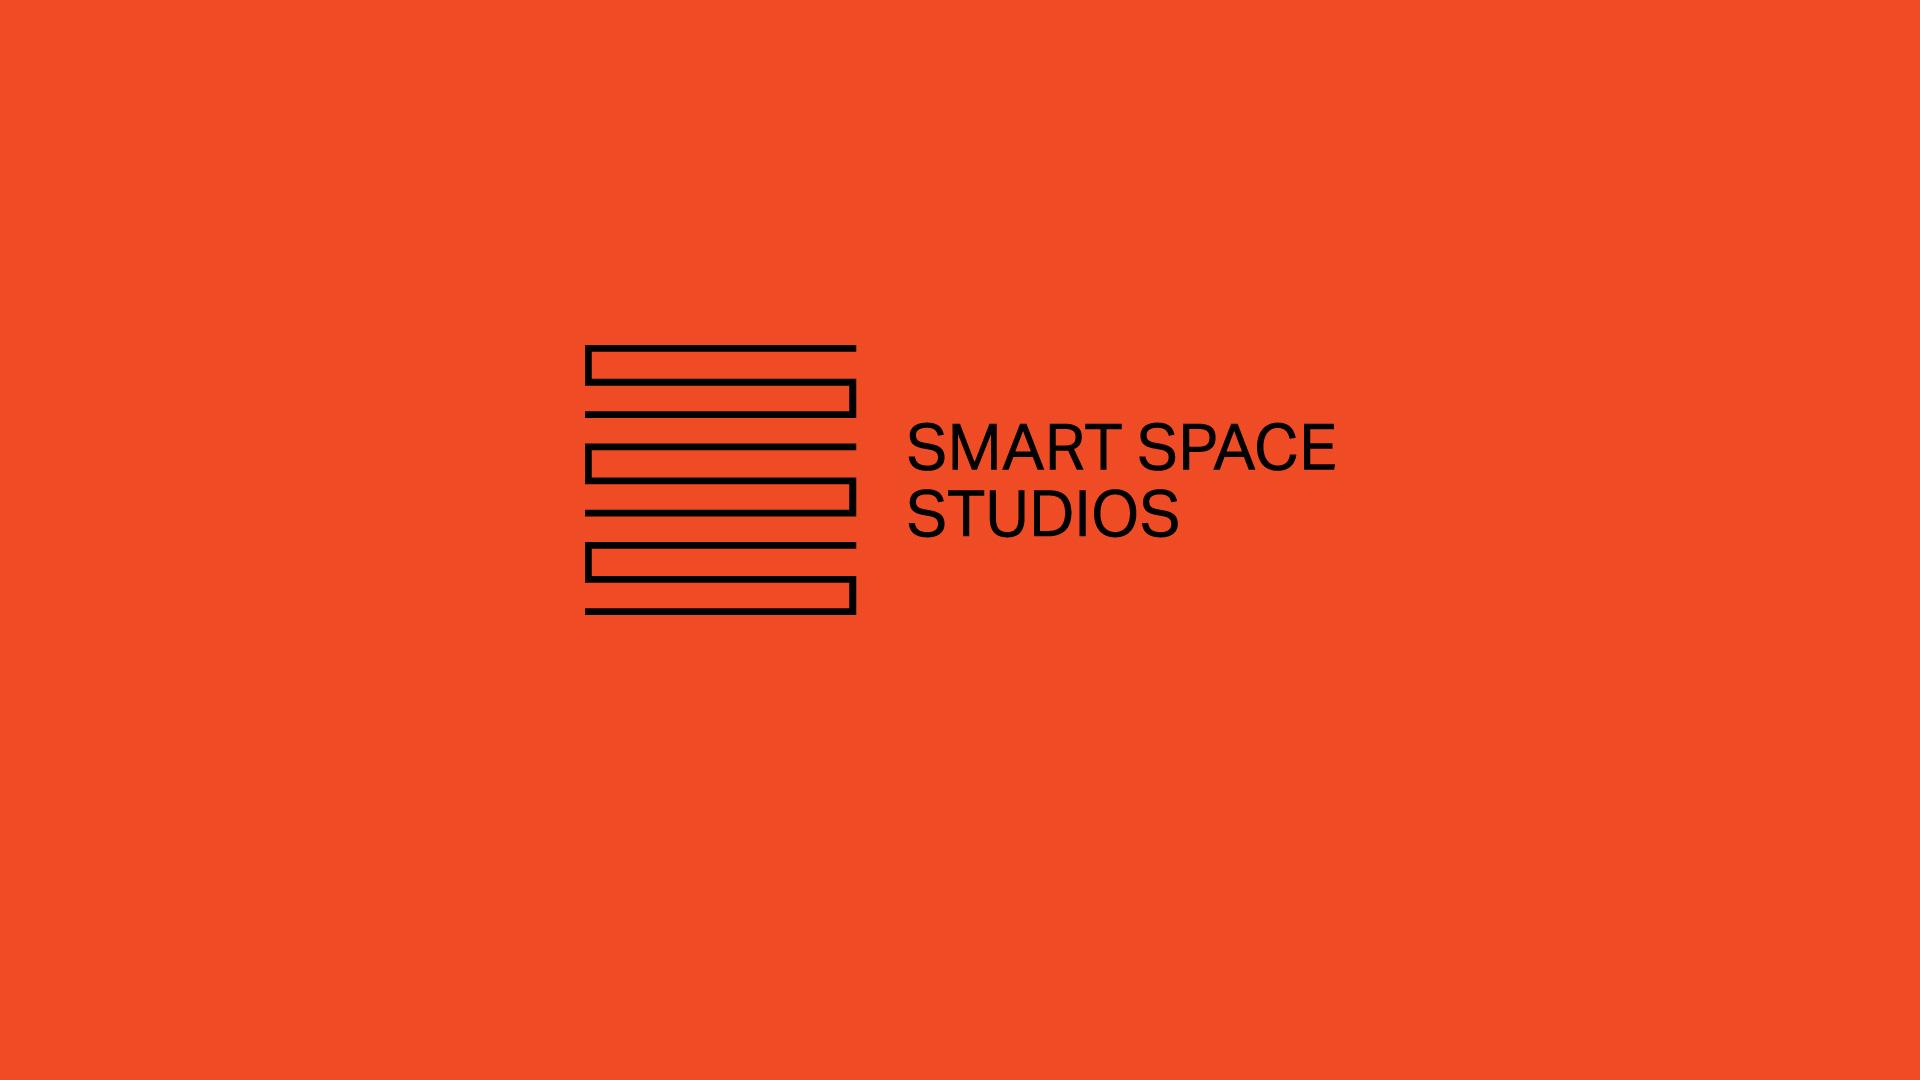 SmartSpaceStudios_tile_v02.jpg